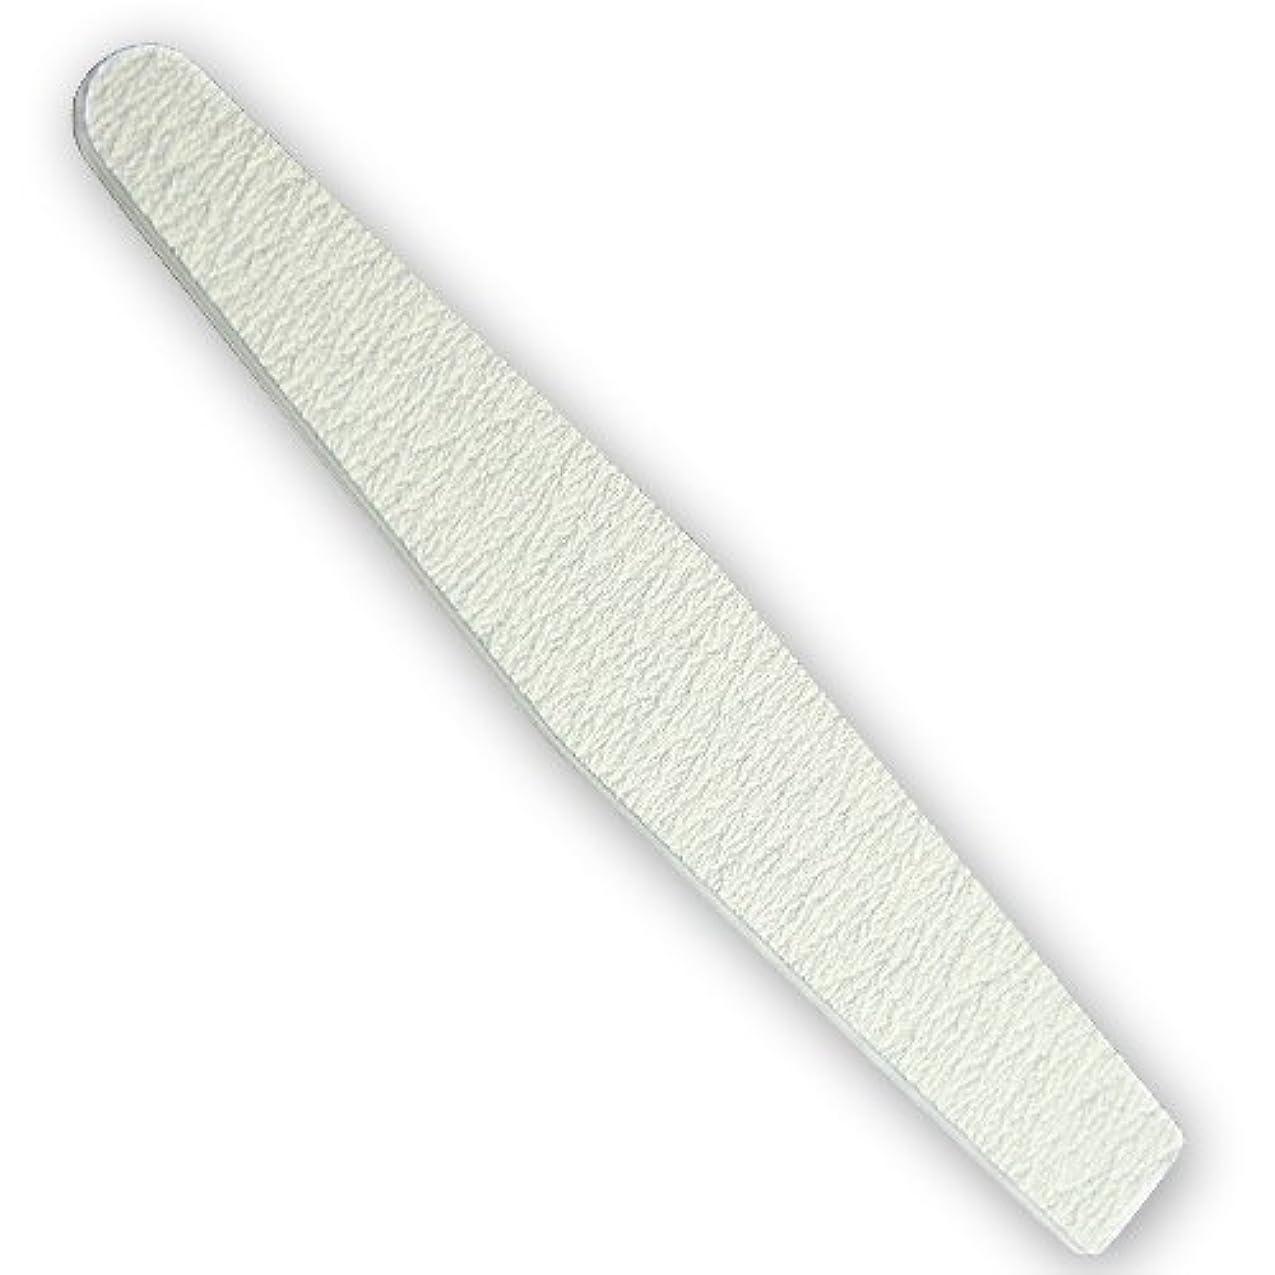 ルーキー回る図書館ジェルネイル用ファイル100/180(爪やすり)シンプルで使いやすい